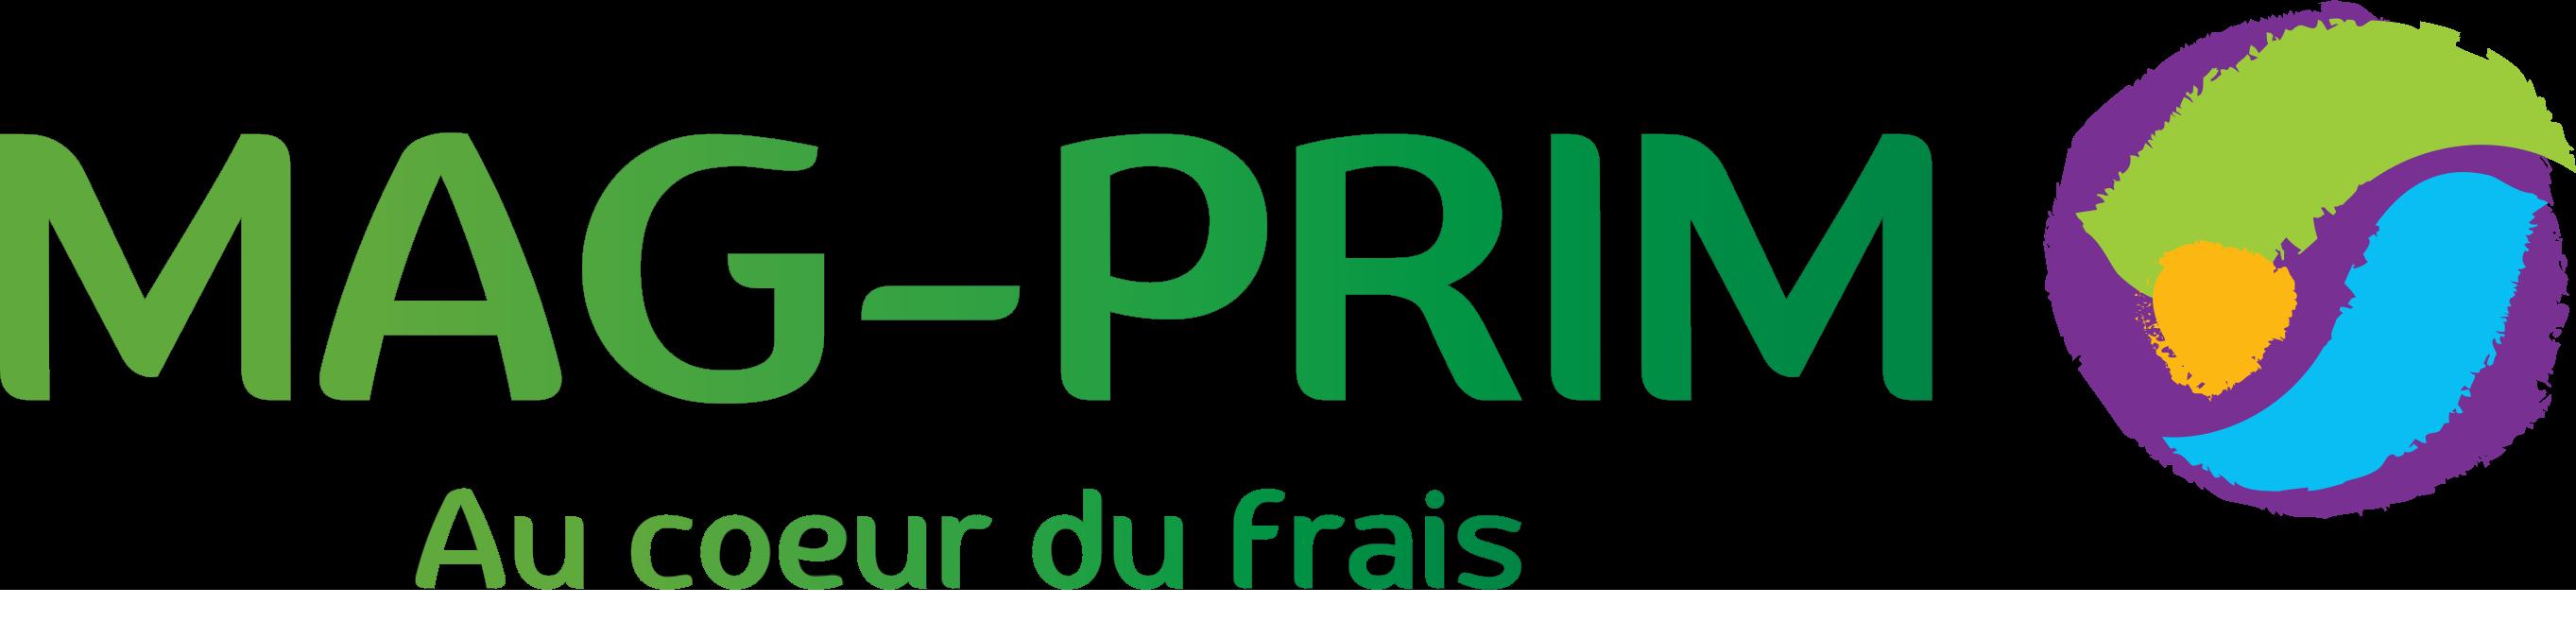 Mag-Prim